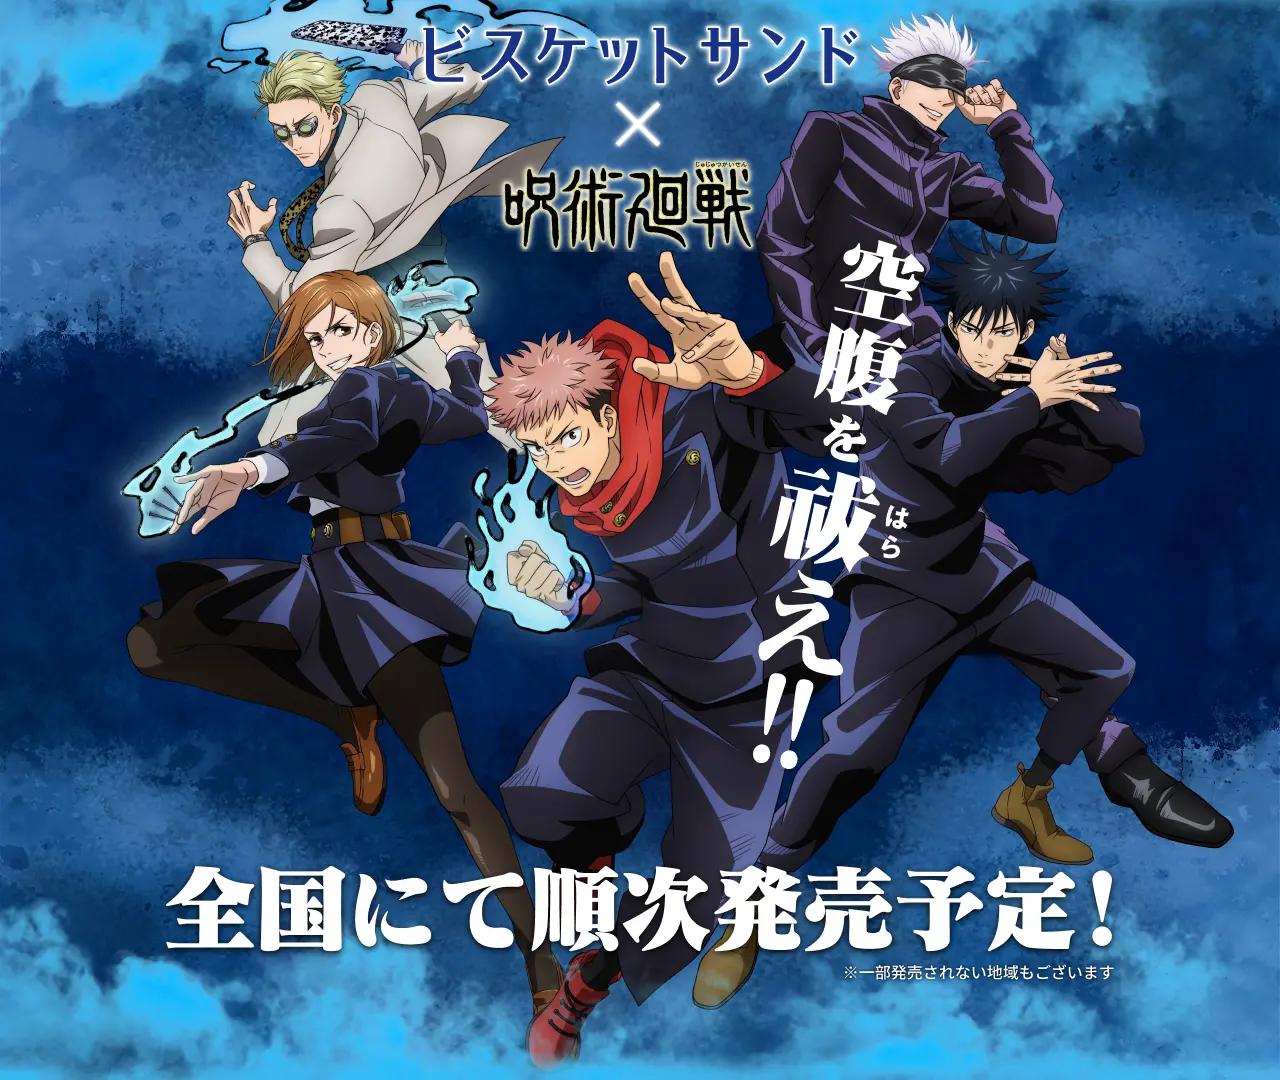 TVアニメ「呪術廻戦」×森永製菓「ビスケットサンド」